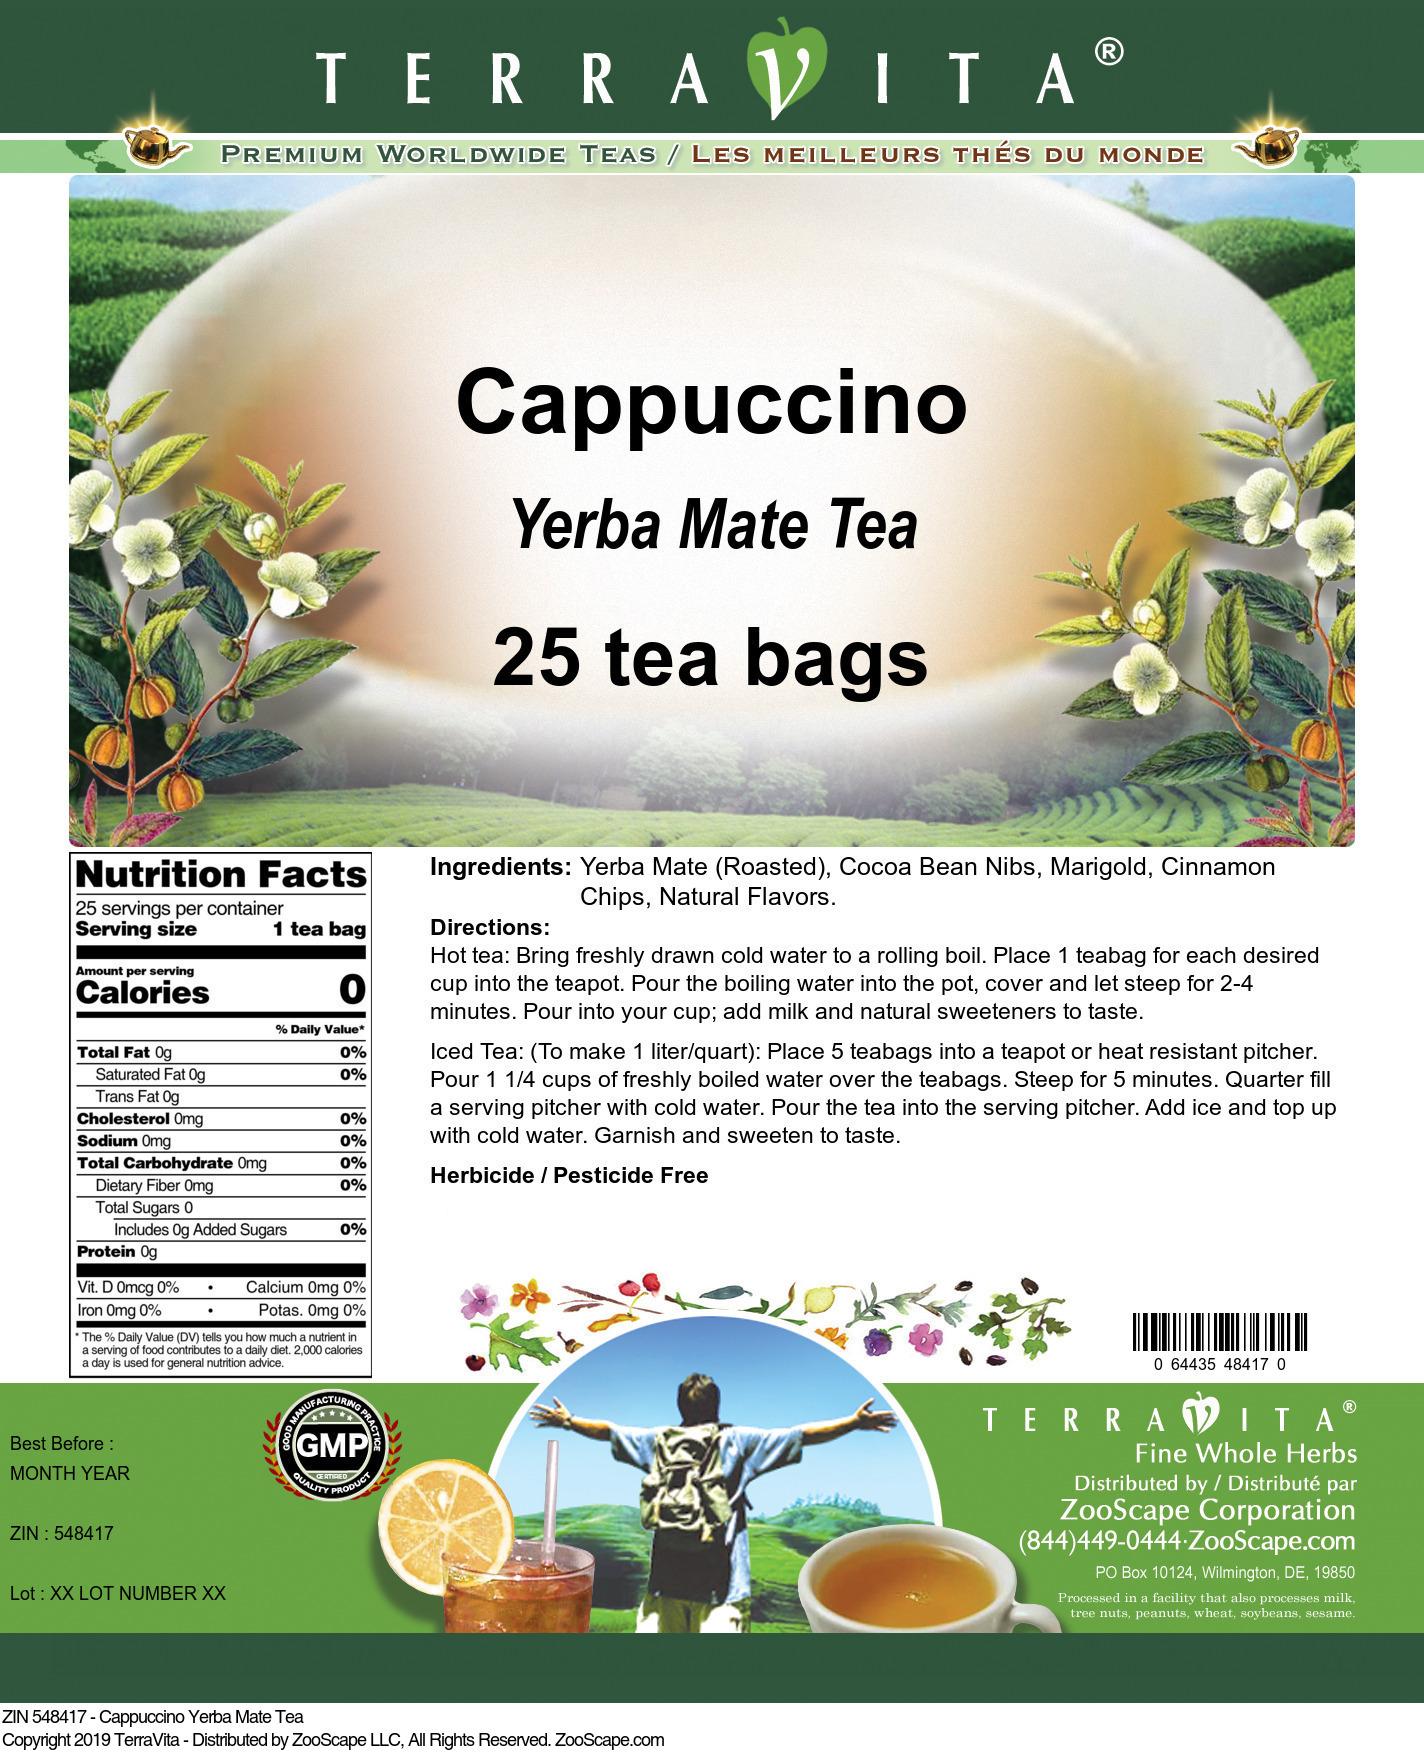 Cappuccino Yerba Mate Tea